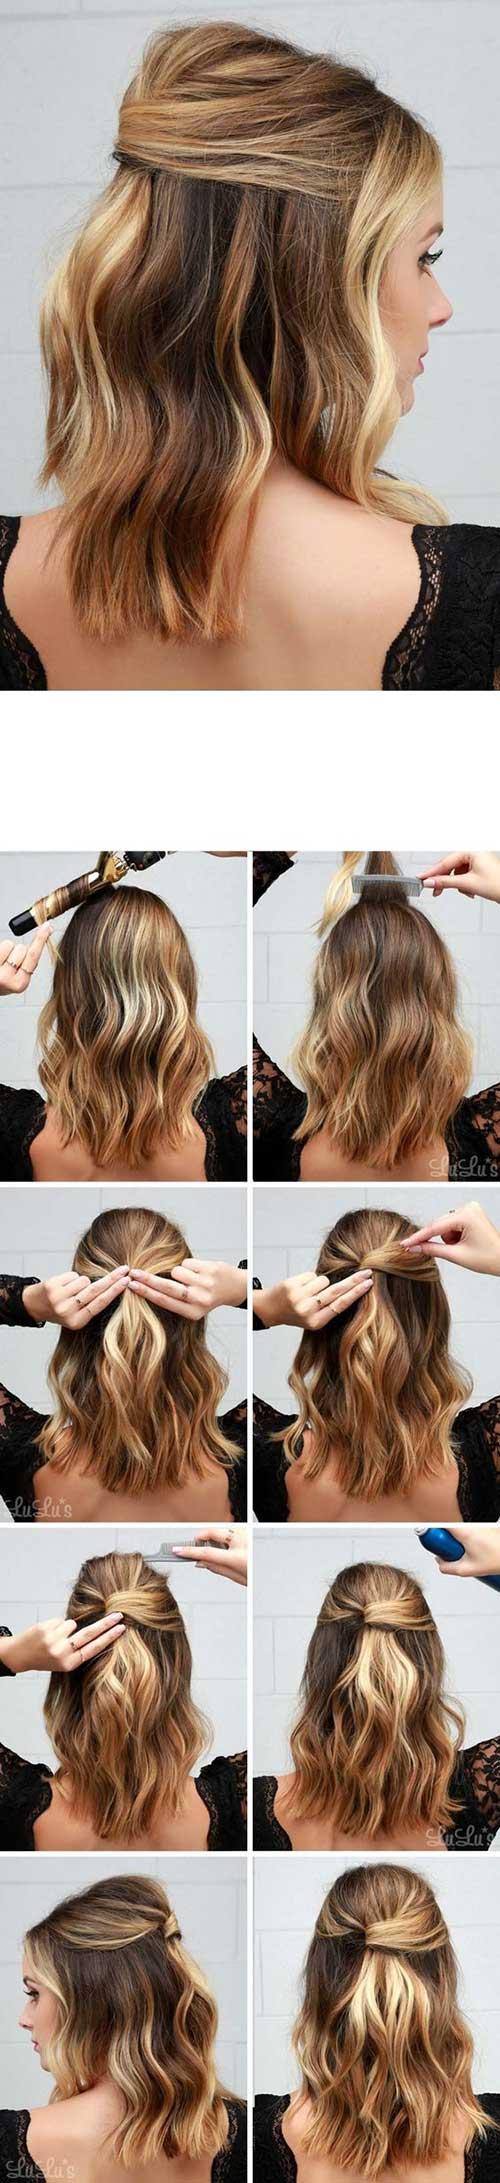 tutorial passo-a-passo pra fazer penteado